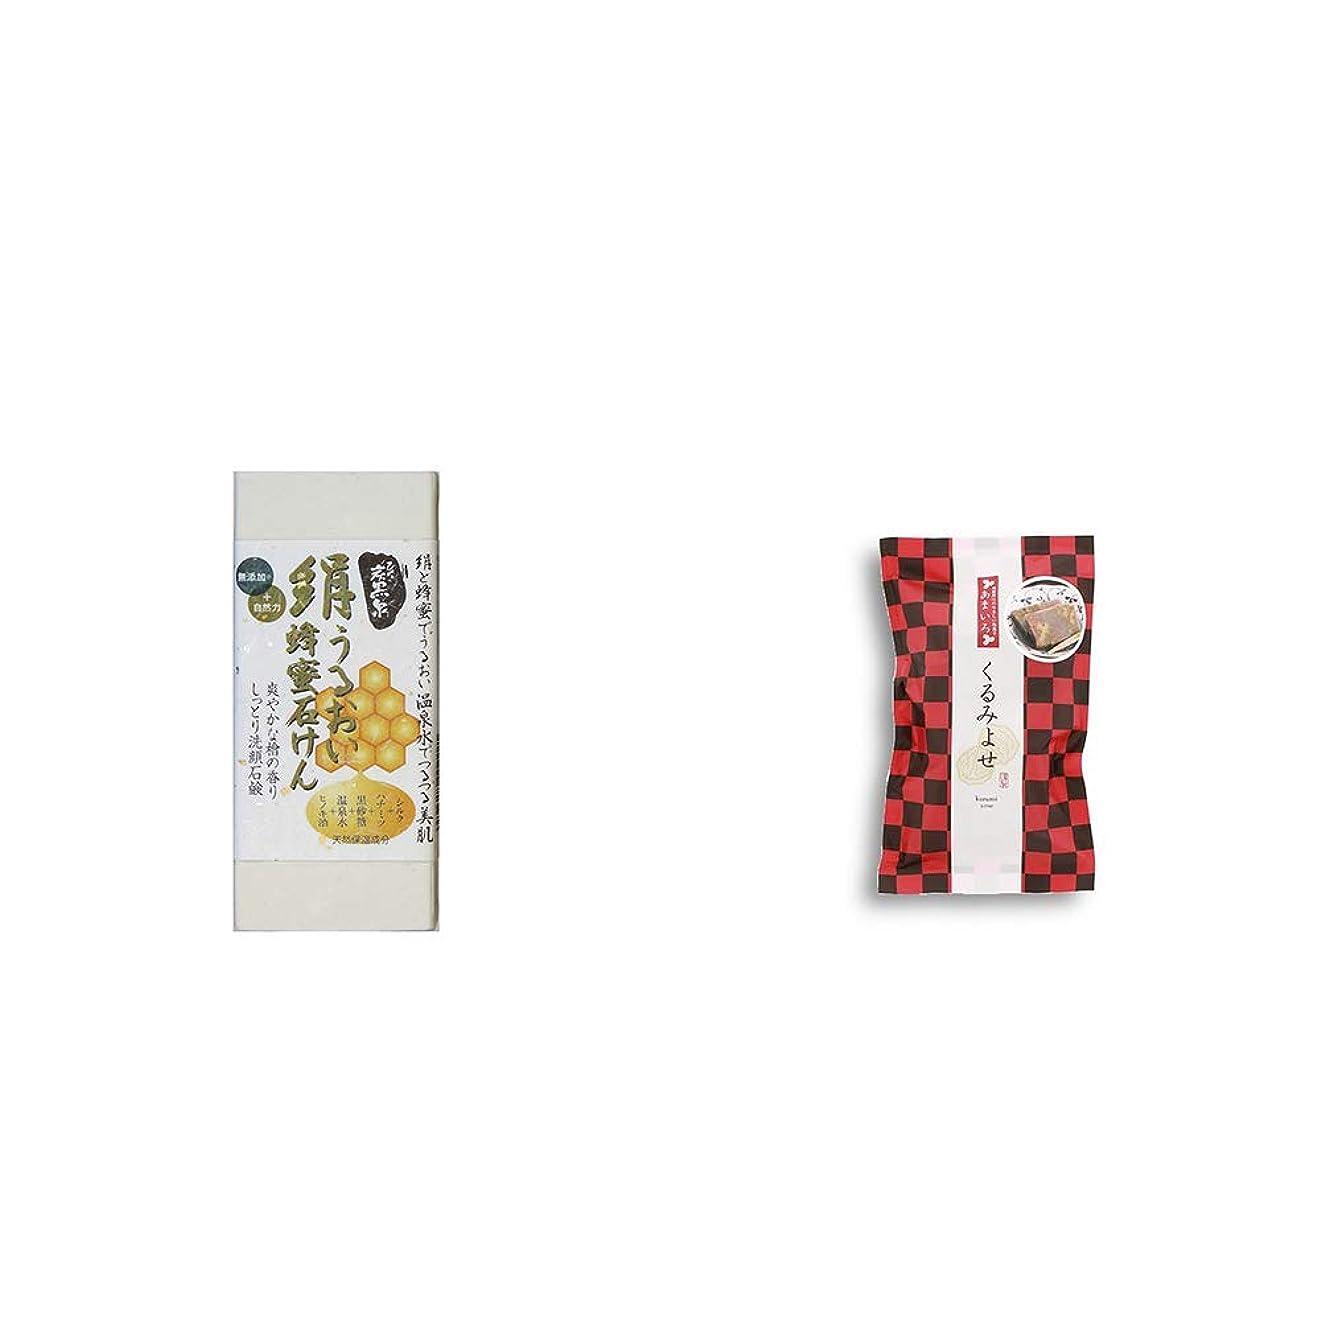 不要言い直す悩み[2点セット] ひのき炭黒泉 絹うるおい蜂蜜石けん(75g×2)?くるみよせ(こし餡)(5個入)